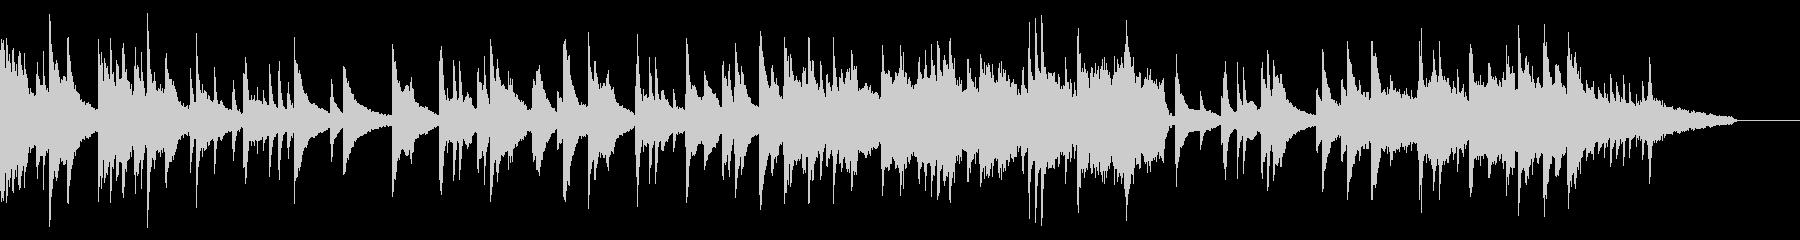 ピアノとストリングスのしっとり系BGMの未再生の波形